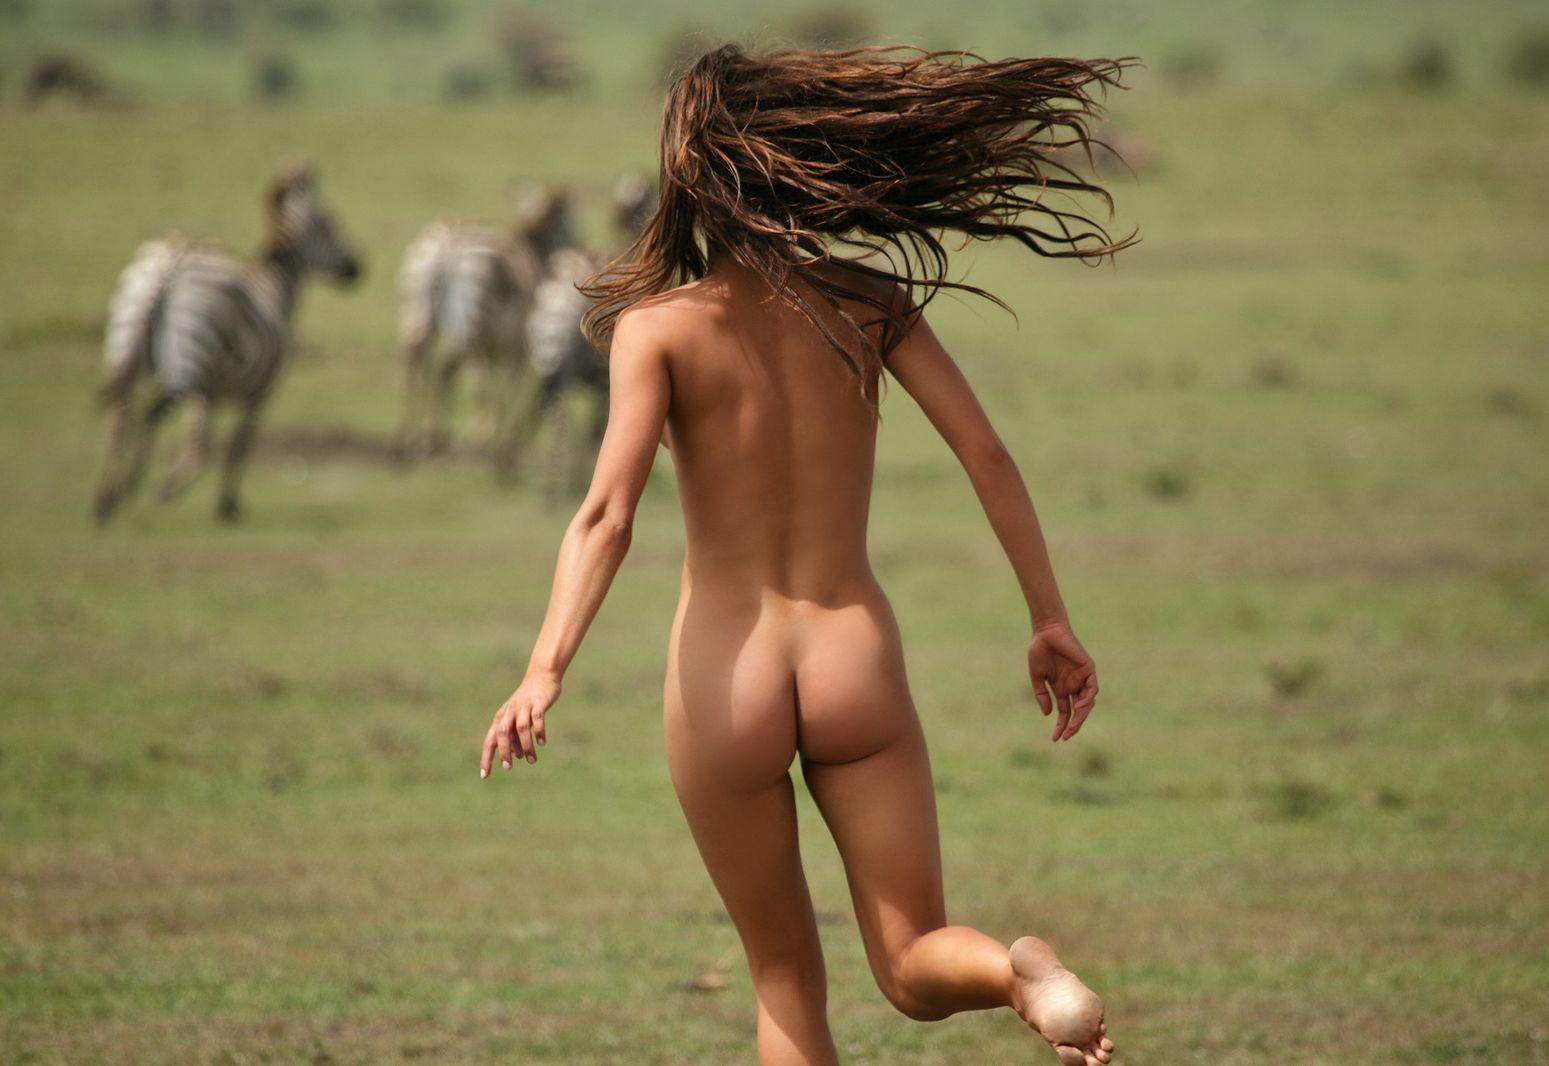 голые женщины бегают фото - 5